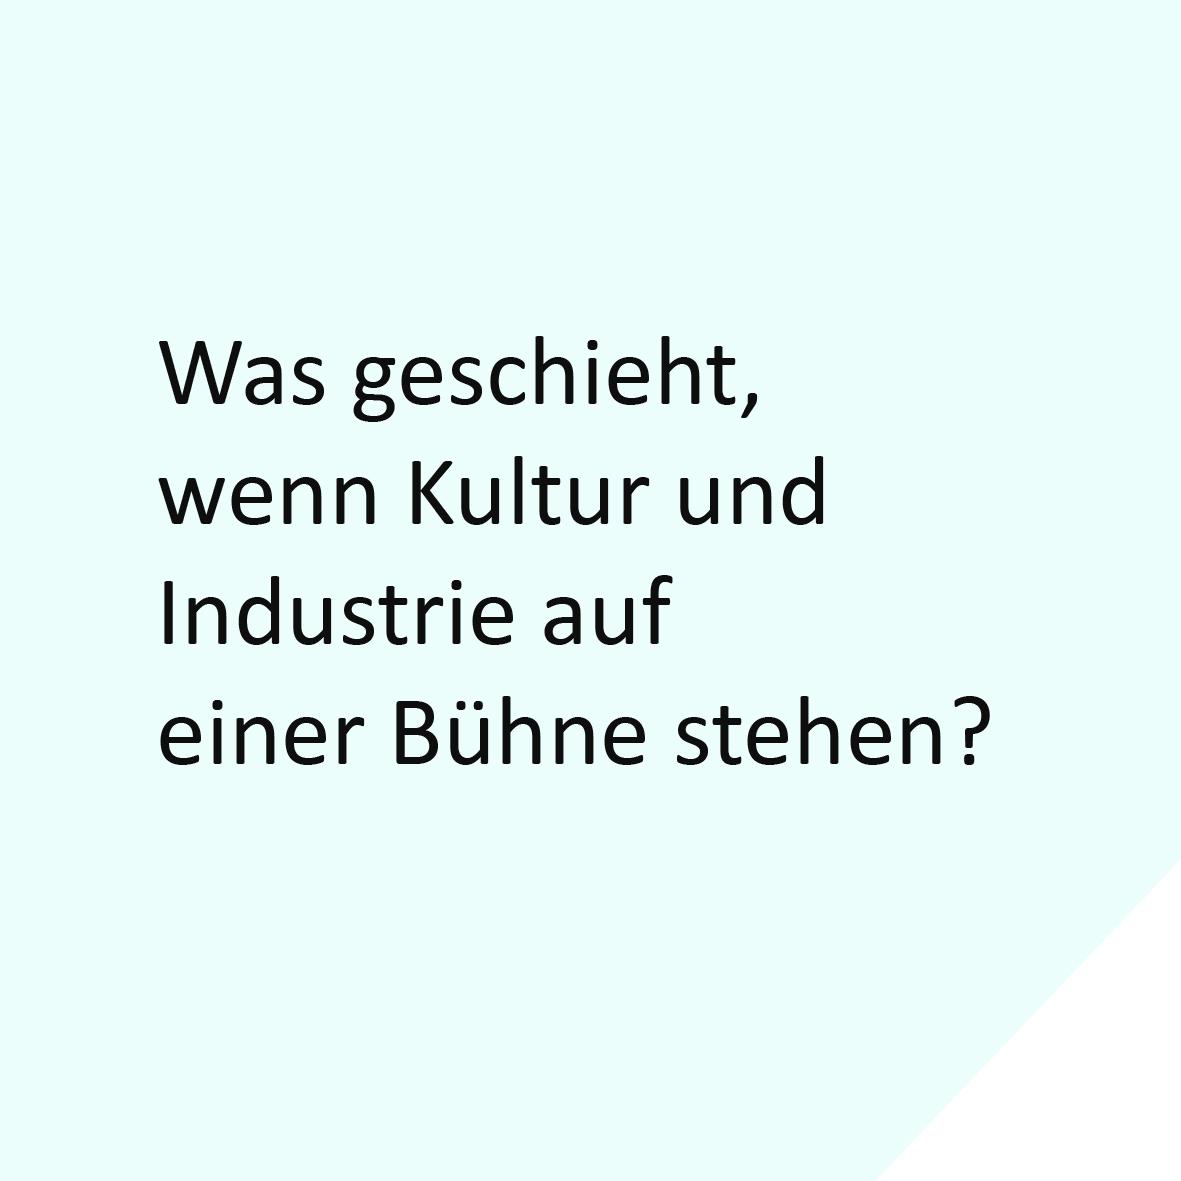 5_KulturBühneBlaHell.jpg